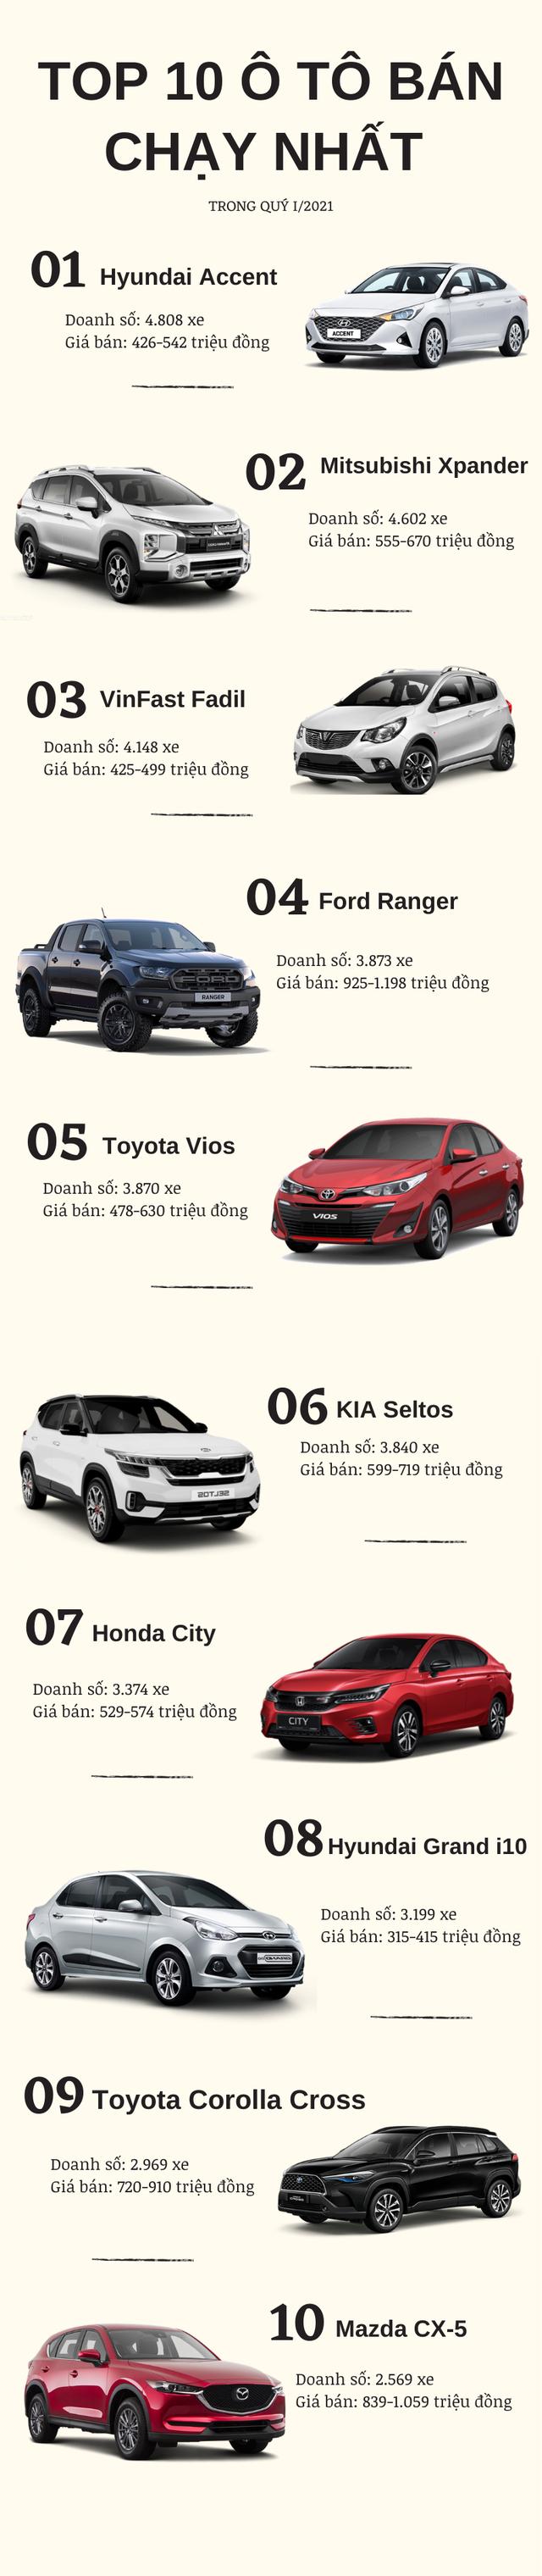 Top 10 ô tô bán chạy nhất quý I/2021: Hyundai Accent bất ngờ dẫn đầu, xuất hiện thêm 2 nhân tố mới - Ảnh 1.